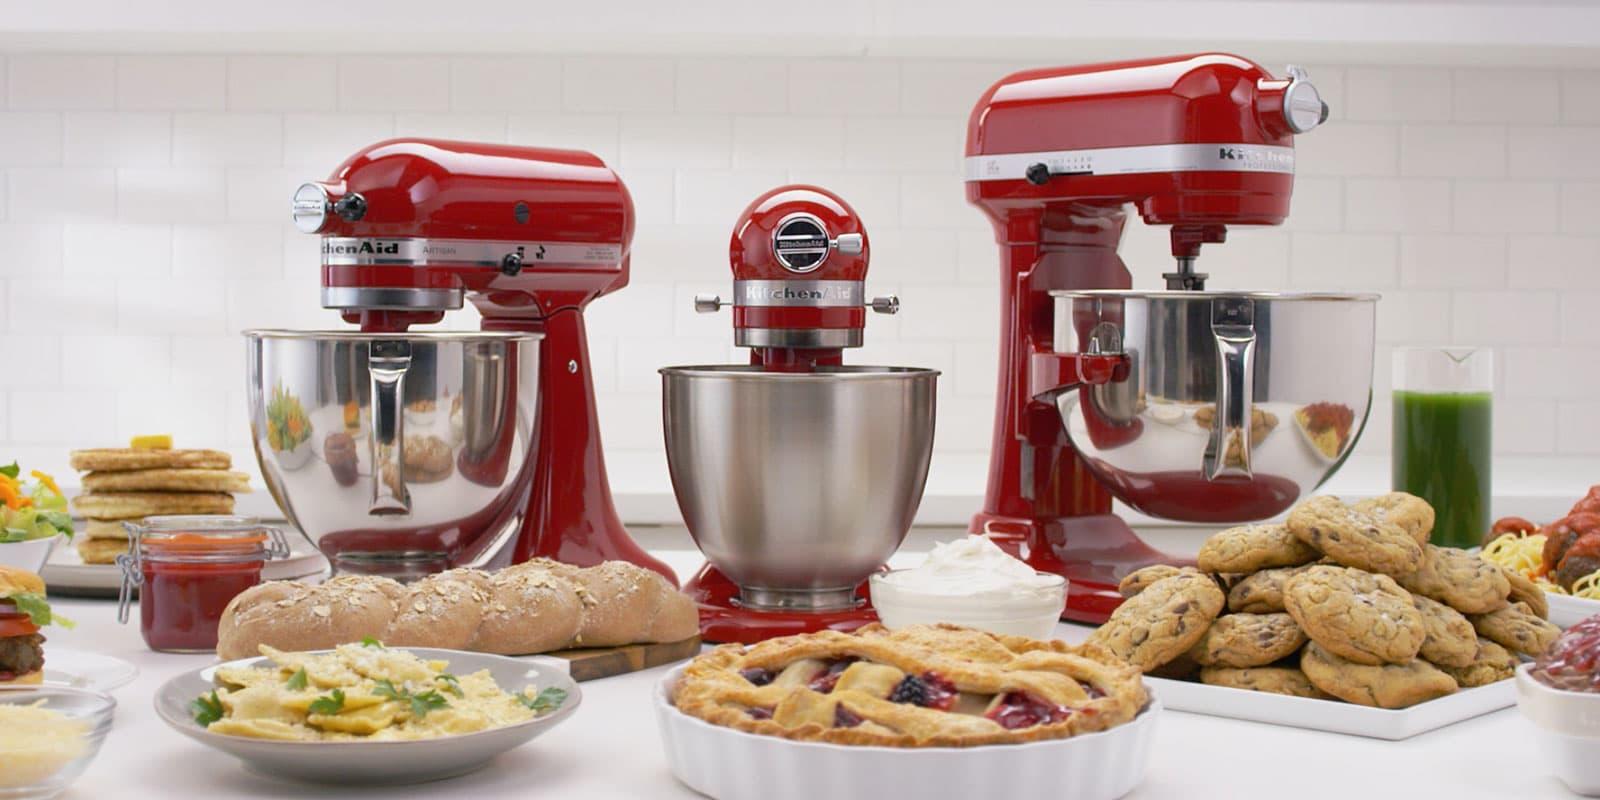 Küchenmaschine | Haushaltskleingeräte | Offizielle Website von ...